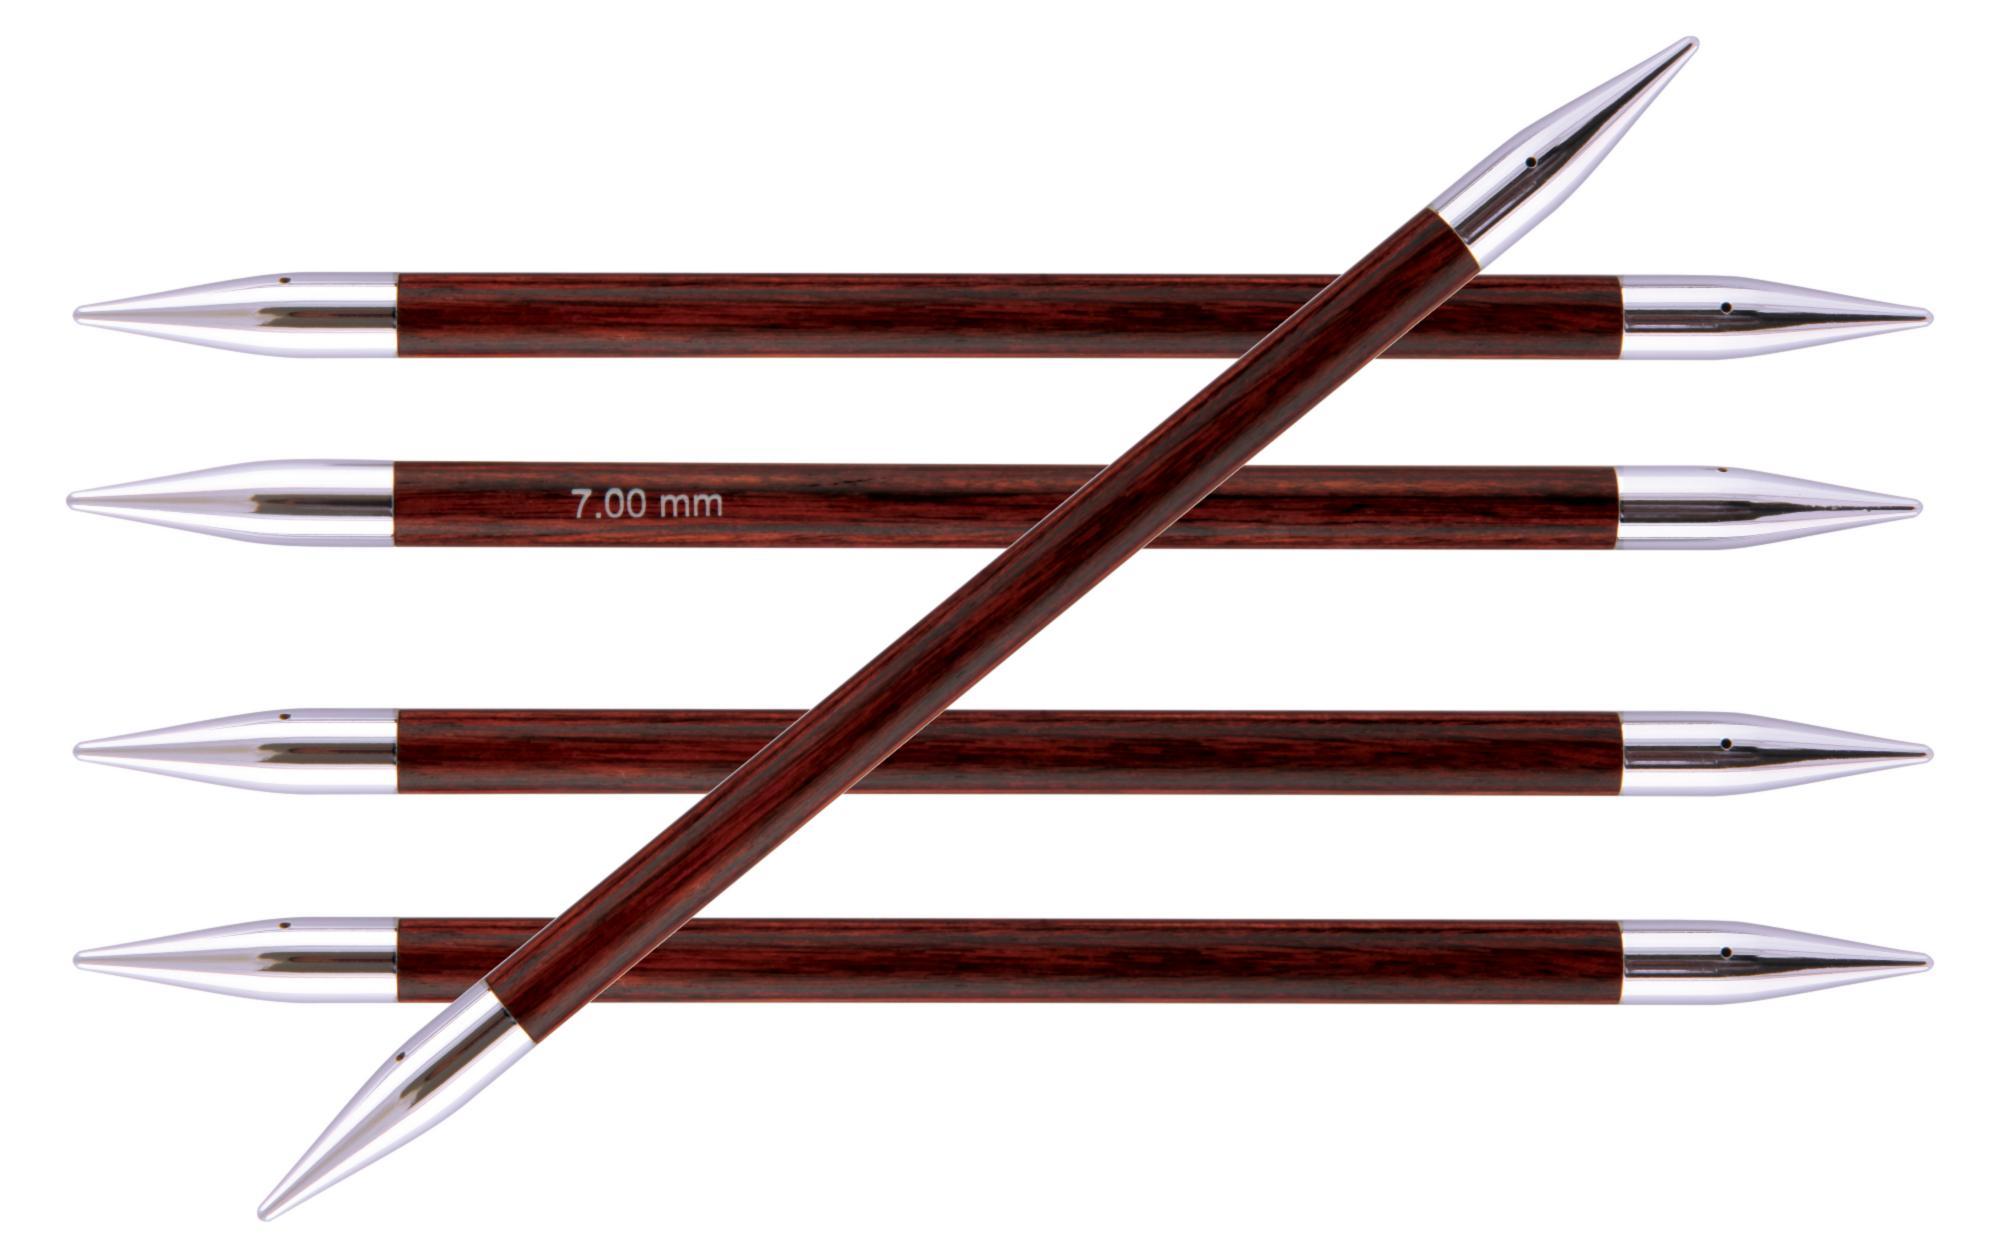 Спицы носочные 20 см Royale KnitPro, 29043, 7.00 мм